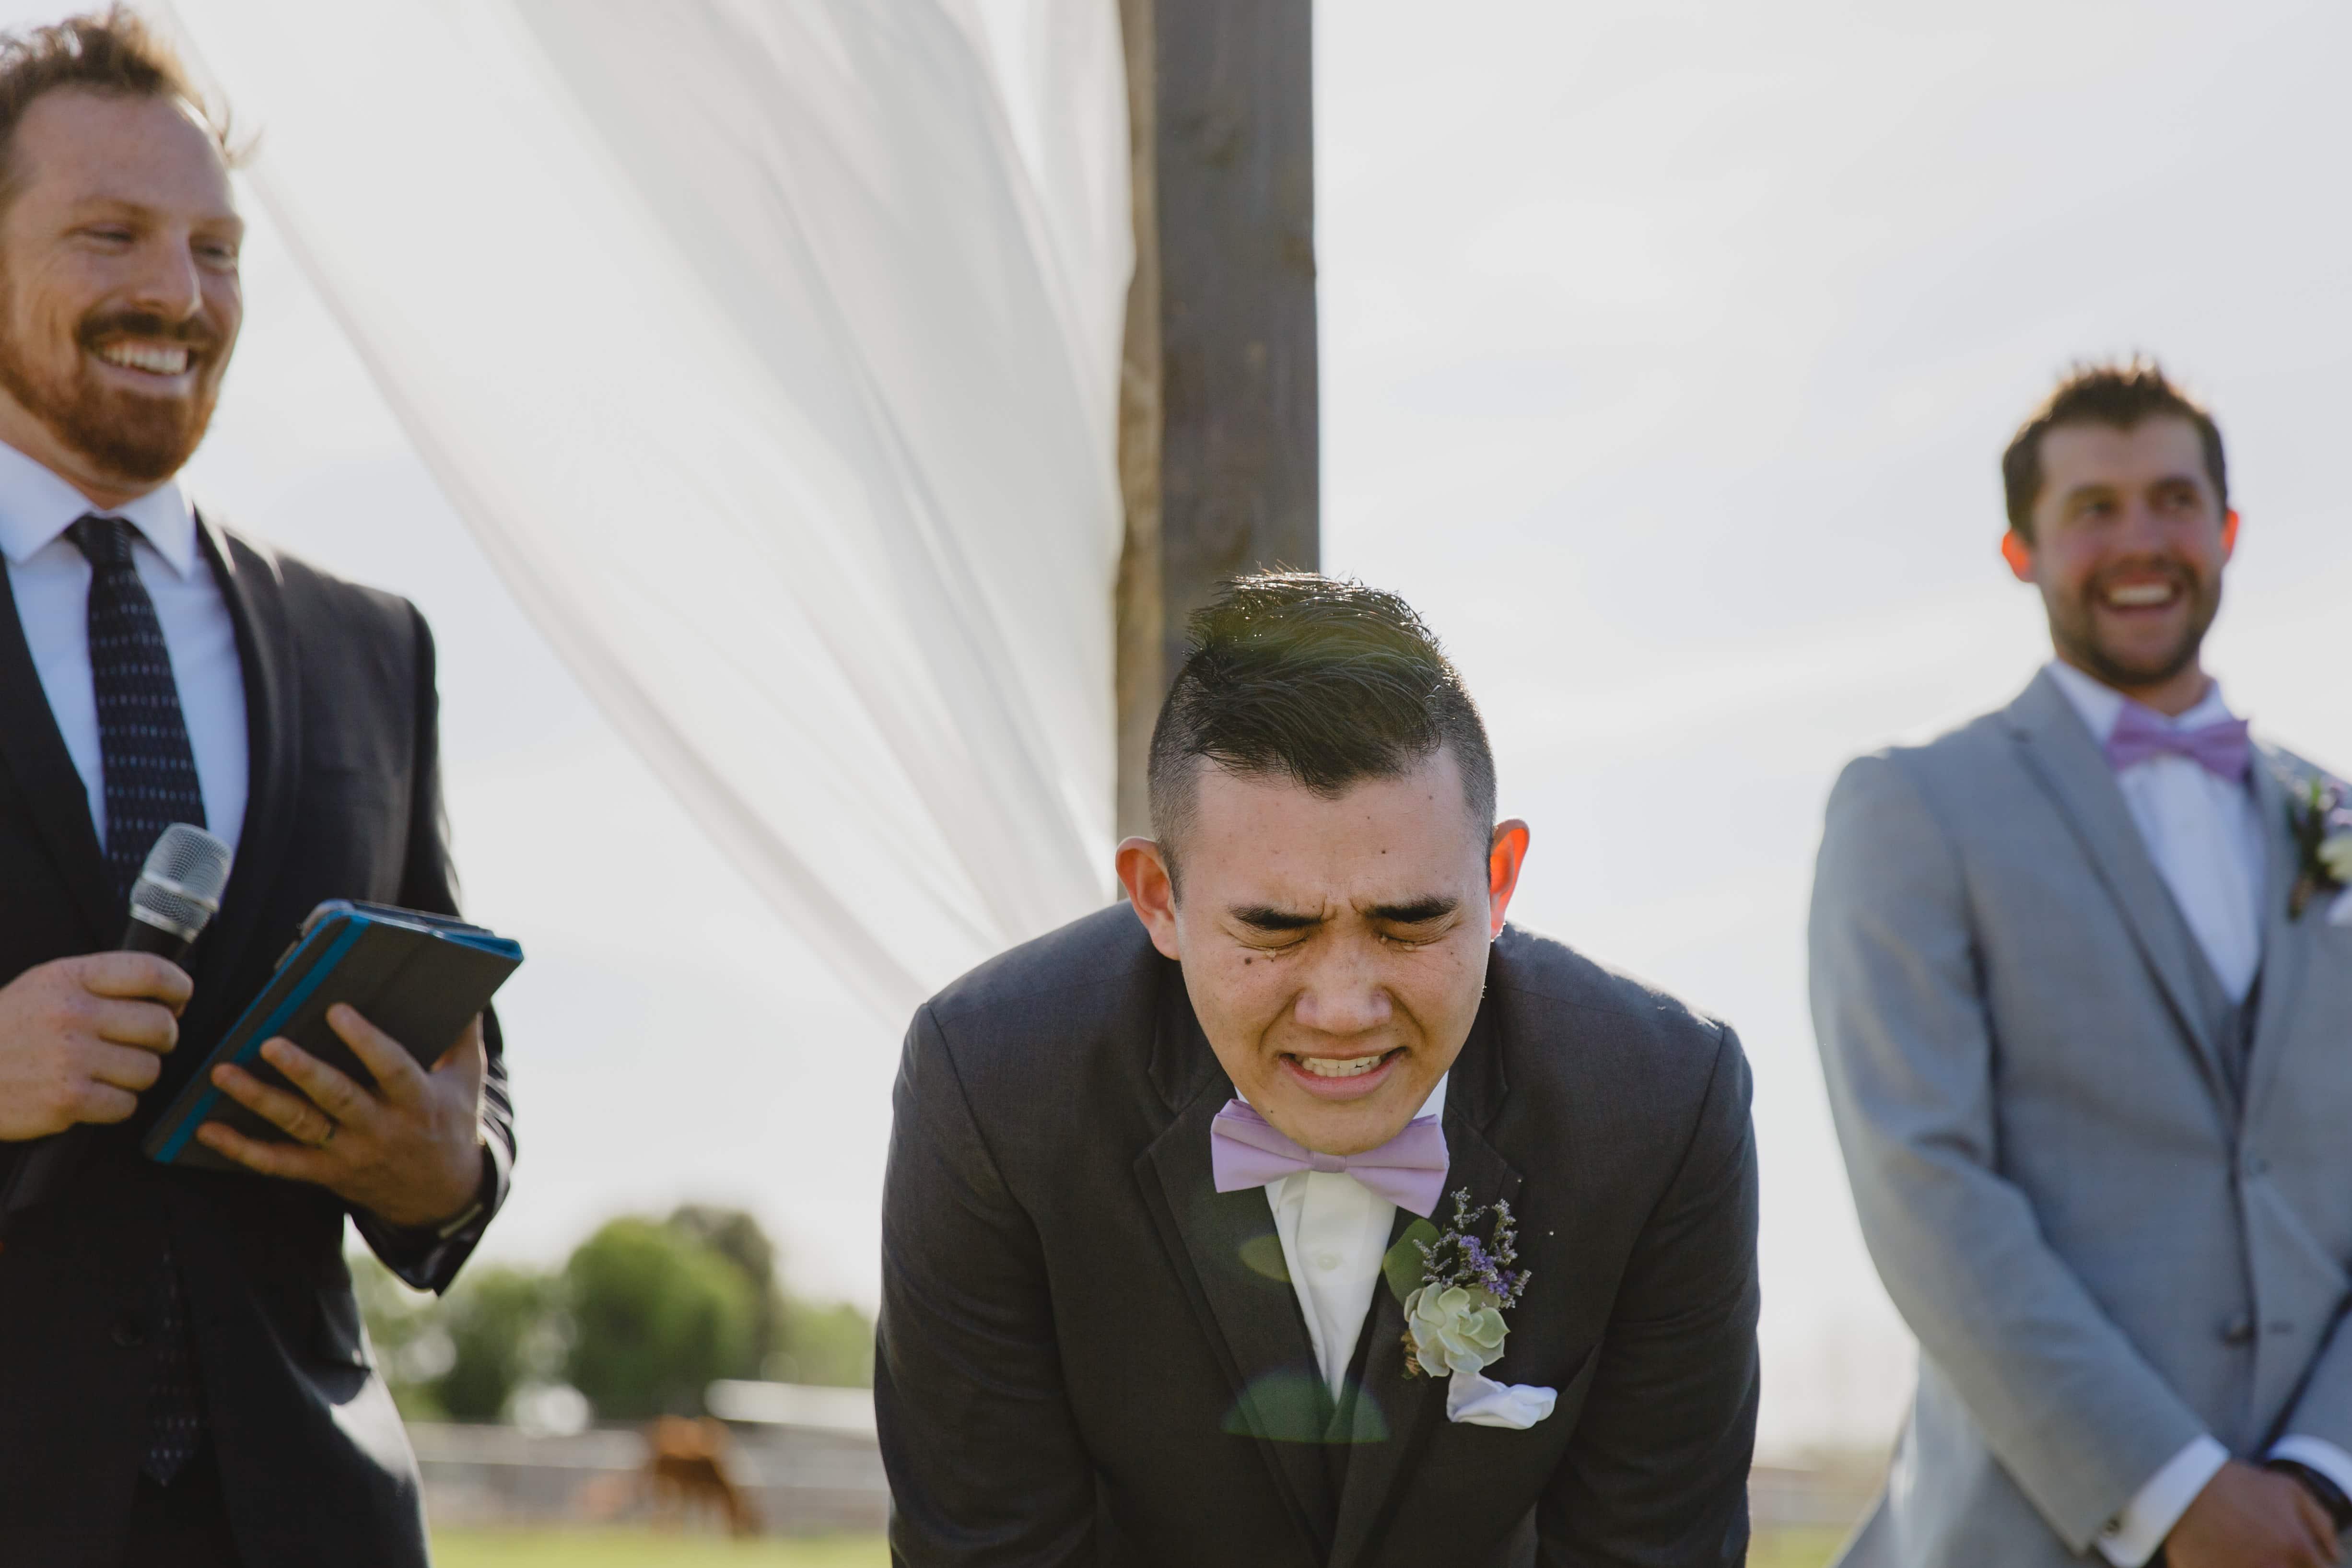 emotional crying groom seeing bride walk down aisle